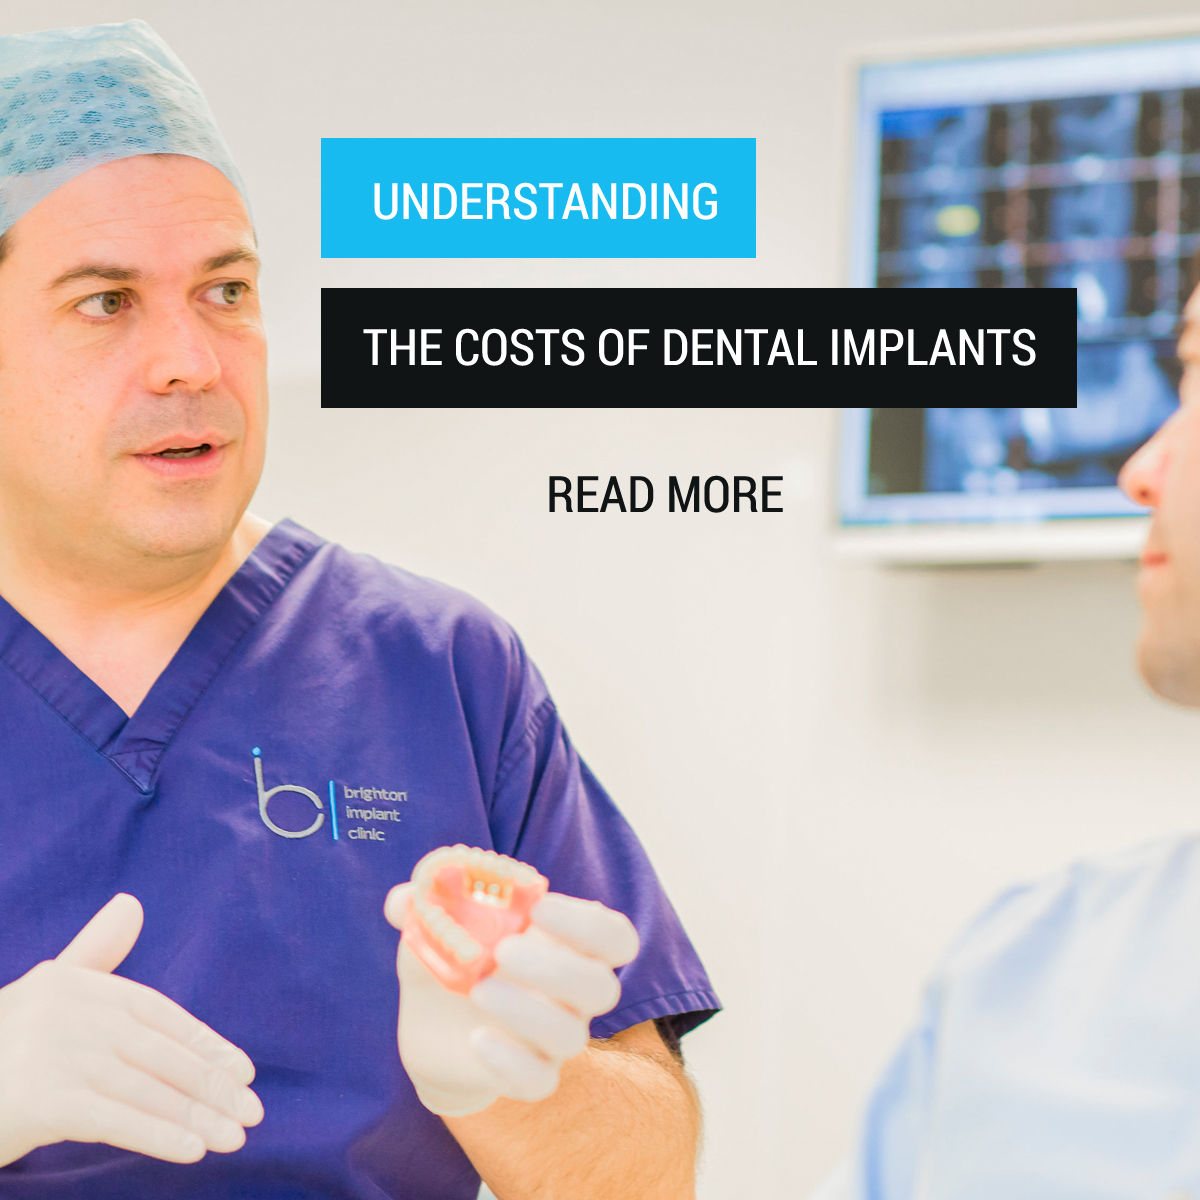 Understanding the costs of dental implants